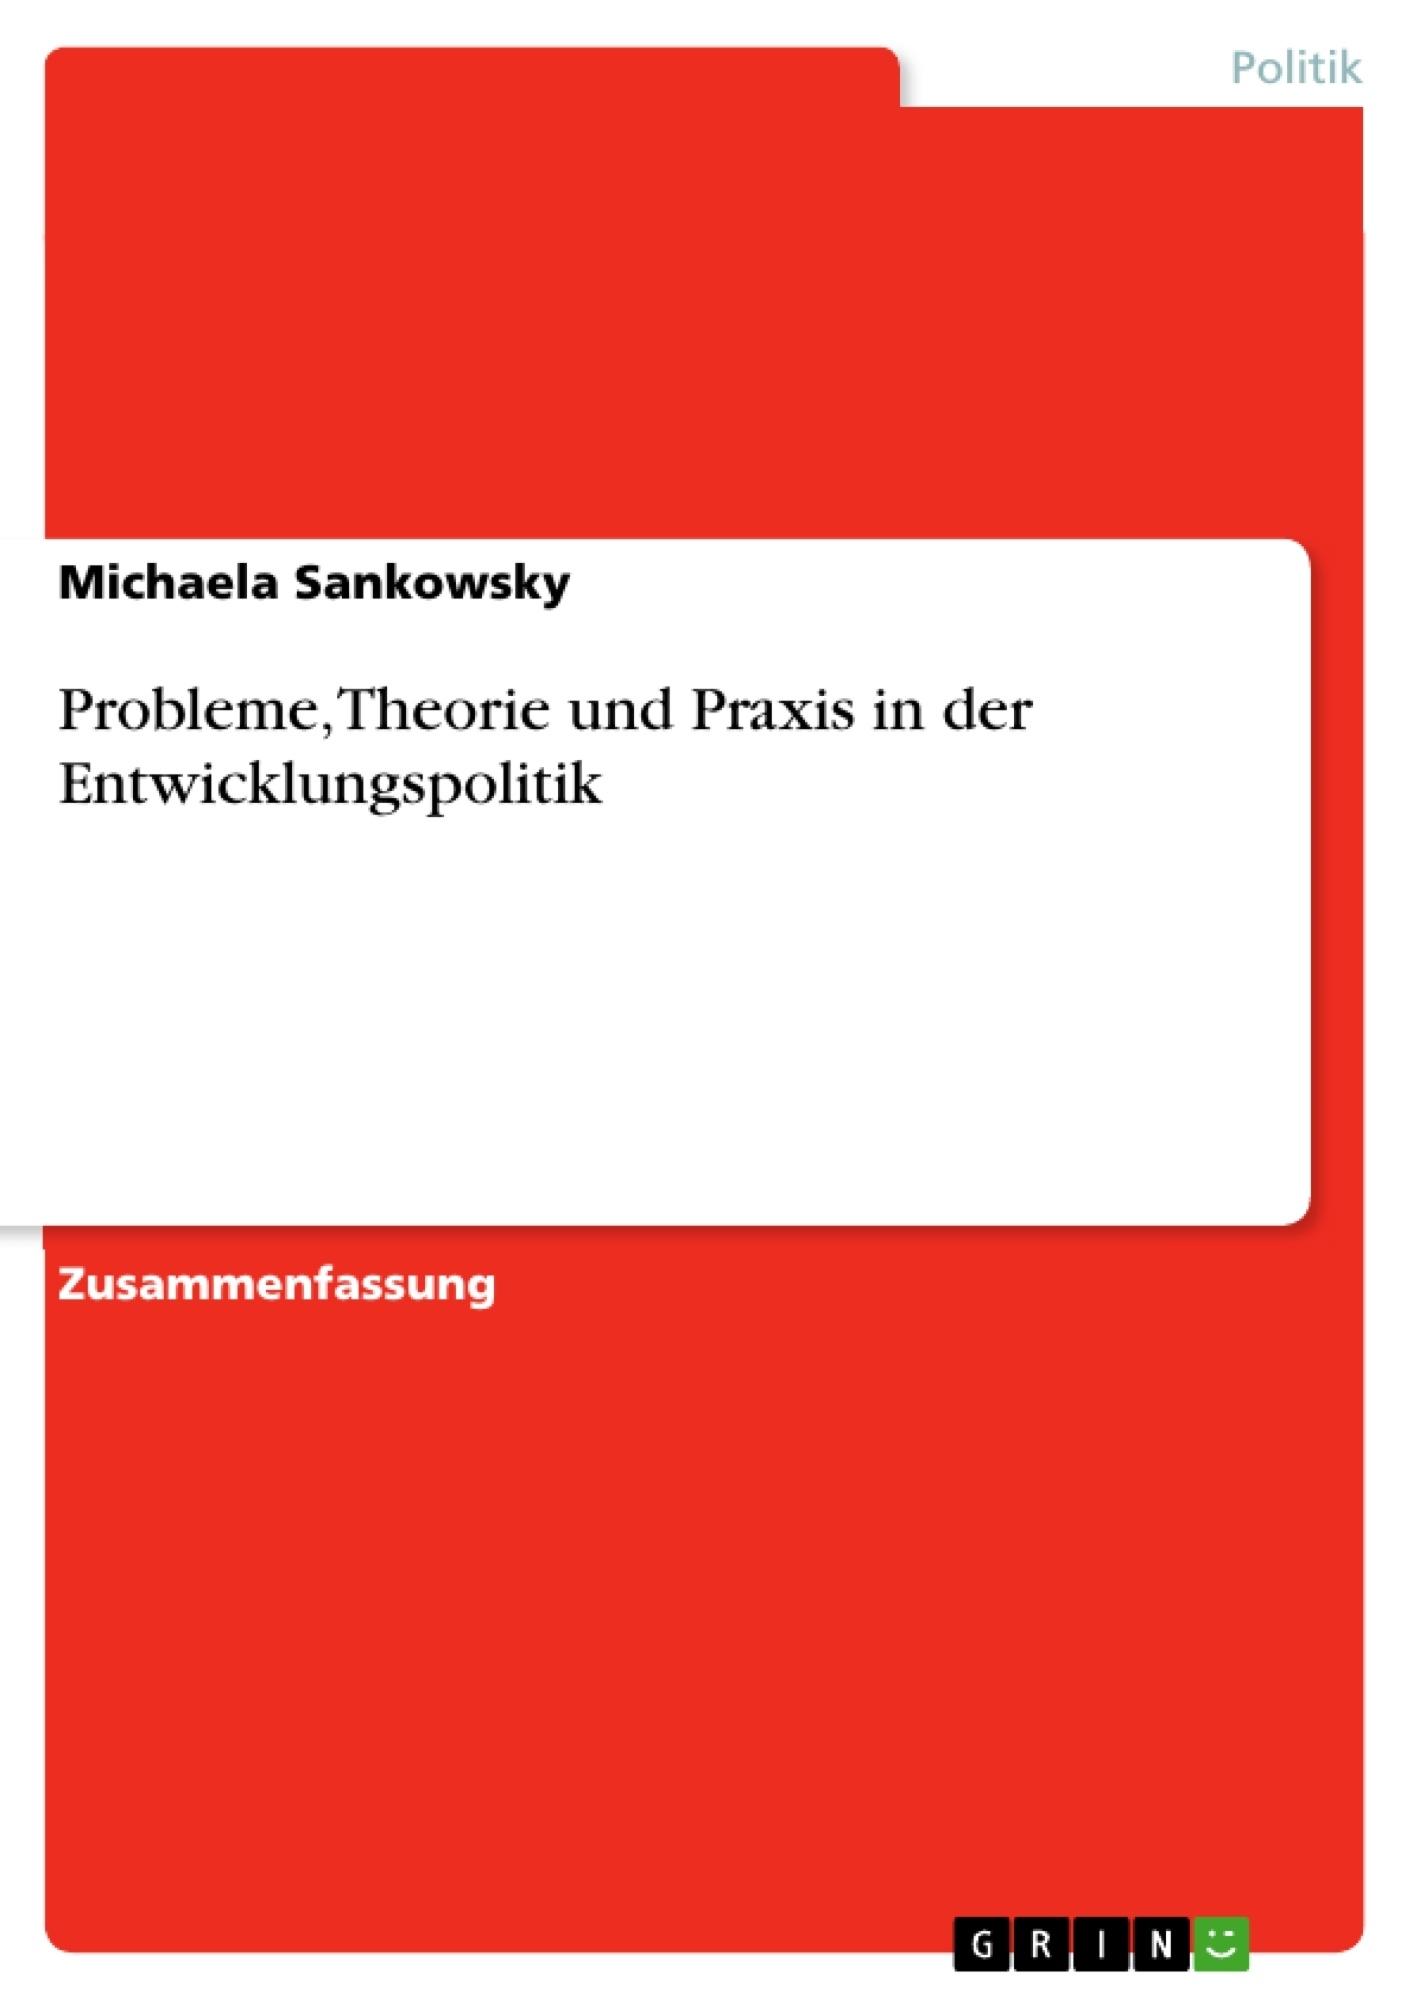 Titel: Probleme, Theorie und Praxis in der Entwicklungspolitik